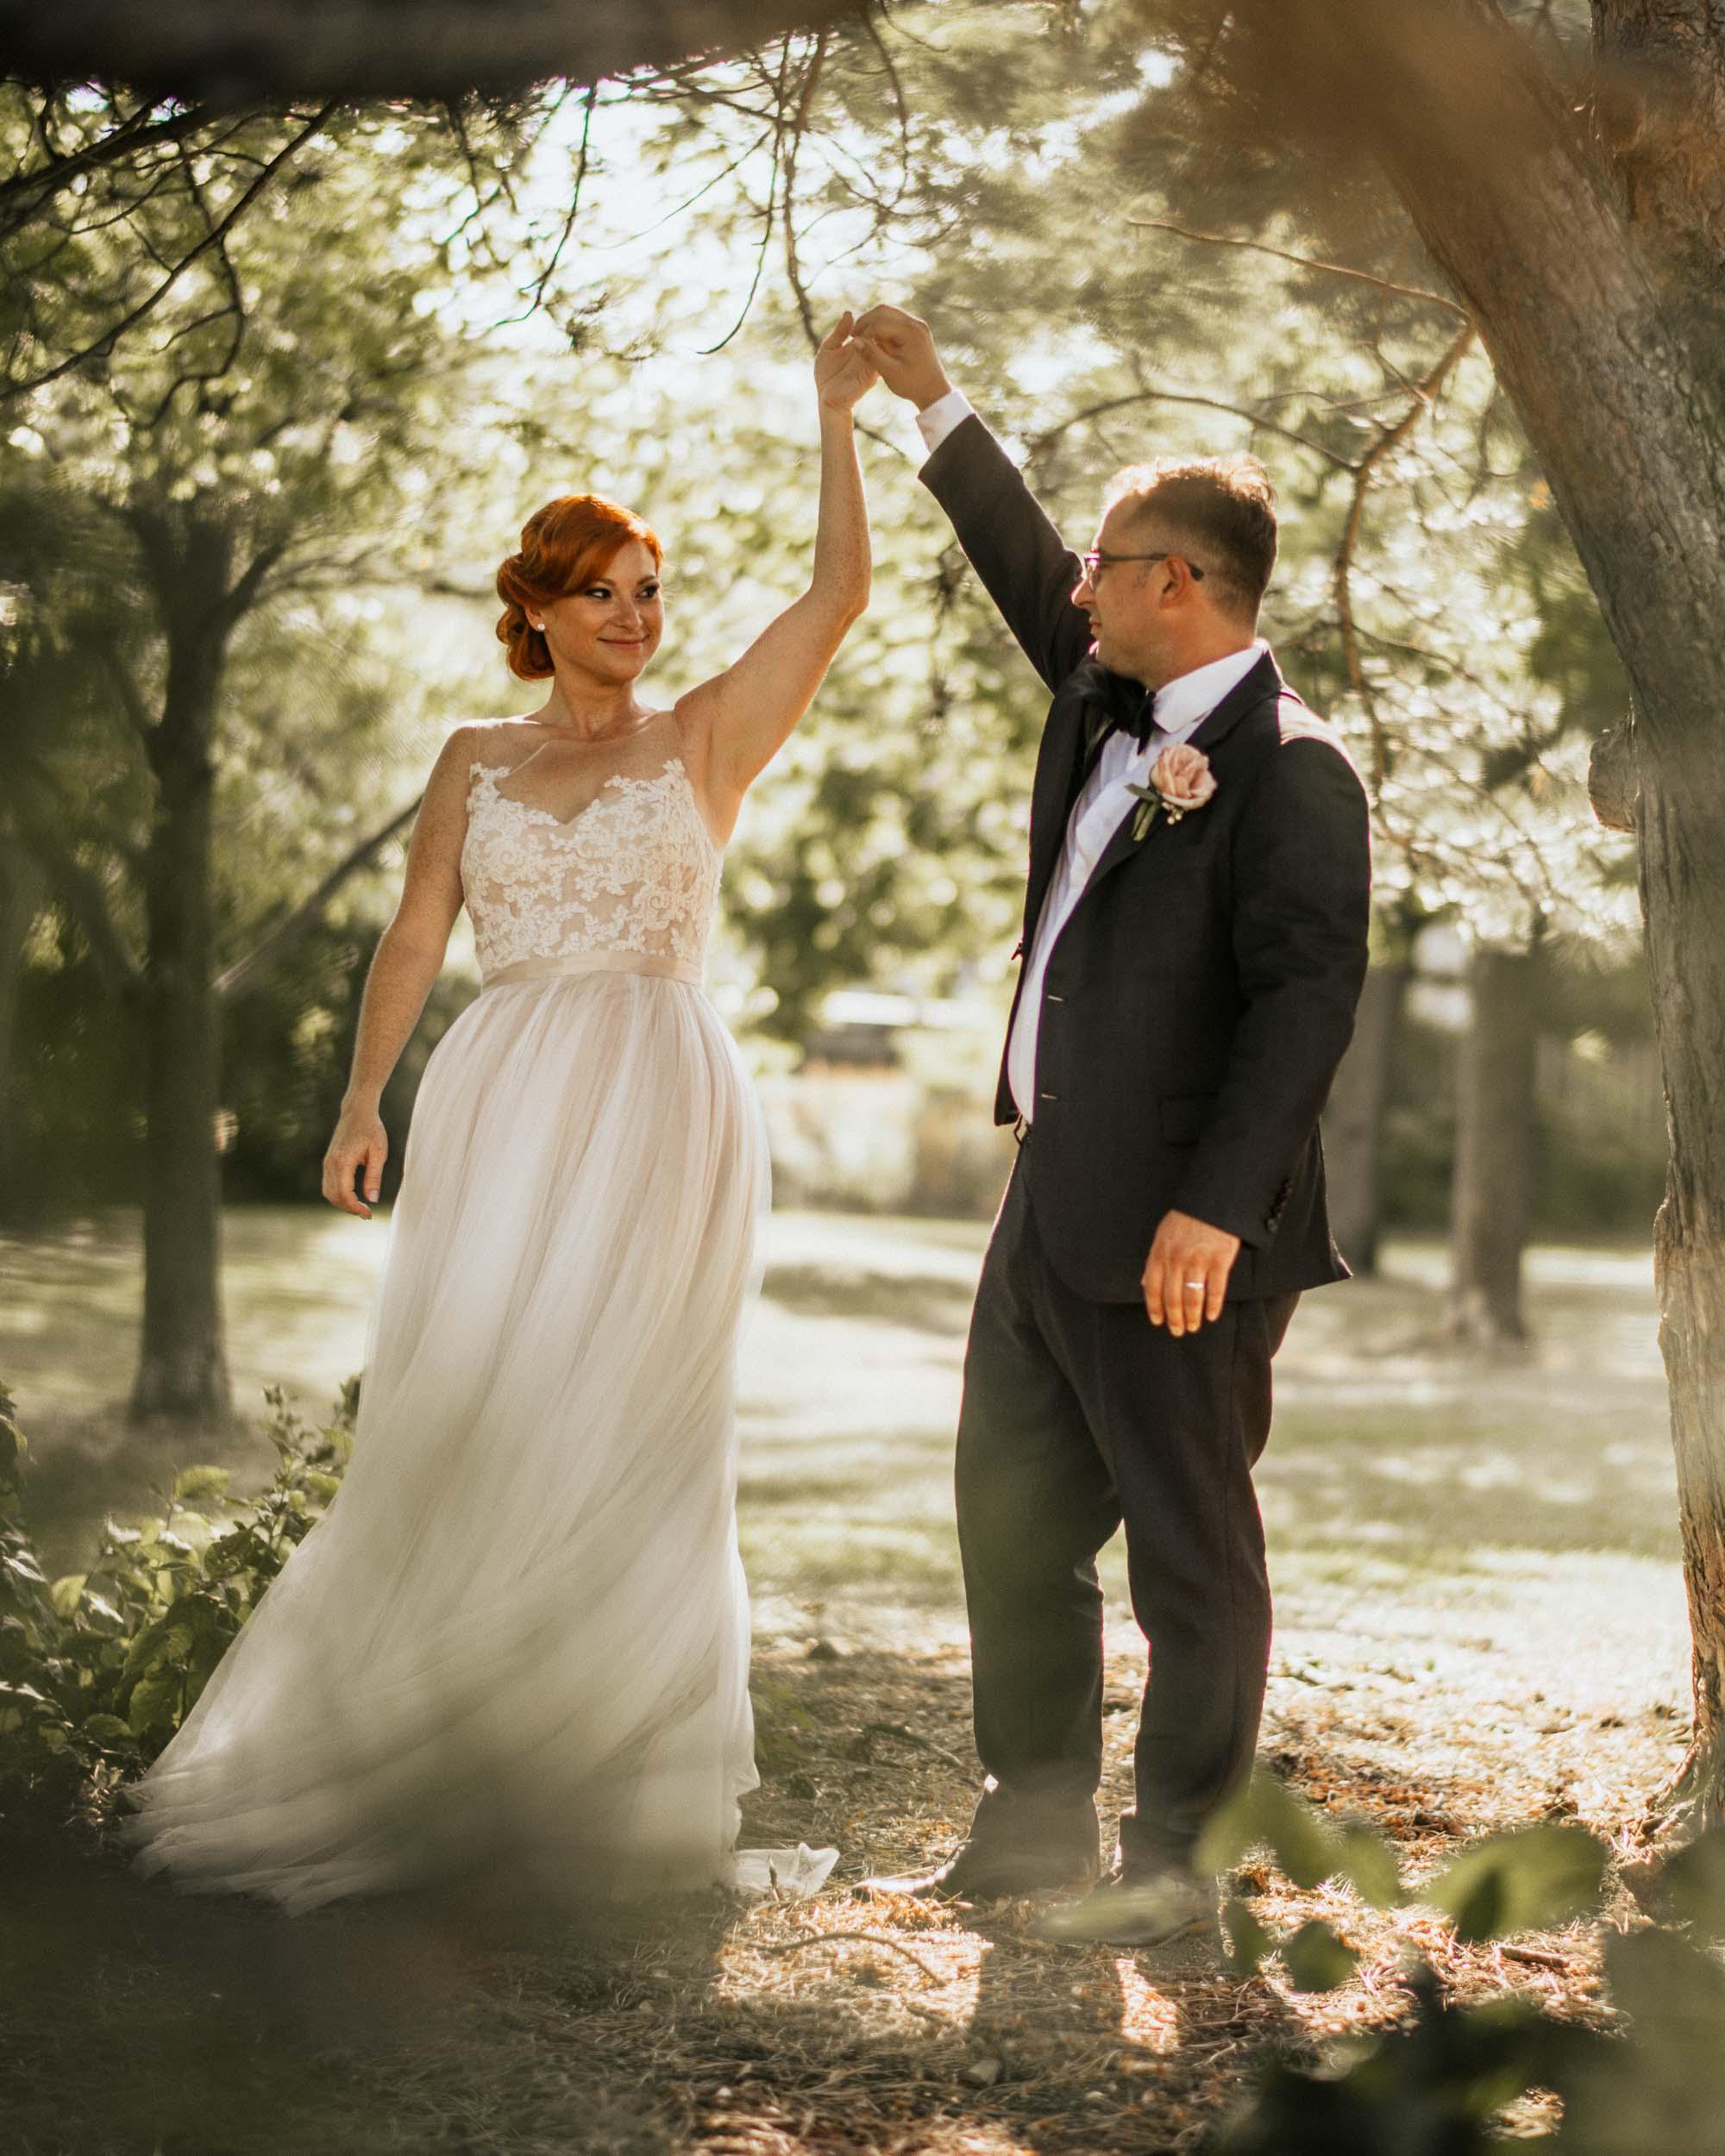 wedding-photography-stratford-davidiam-054.jpg